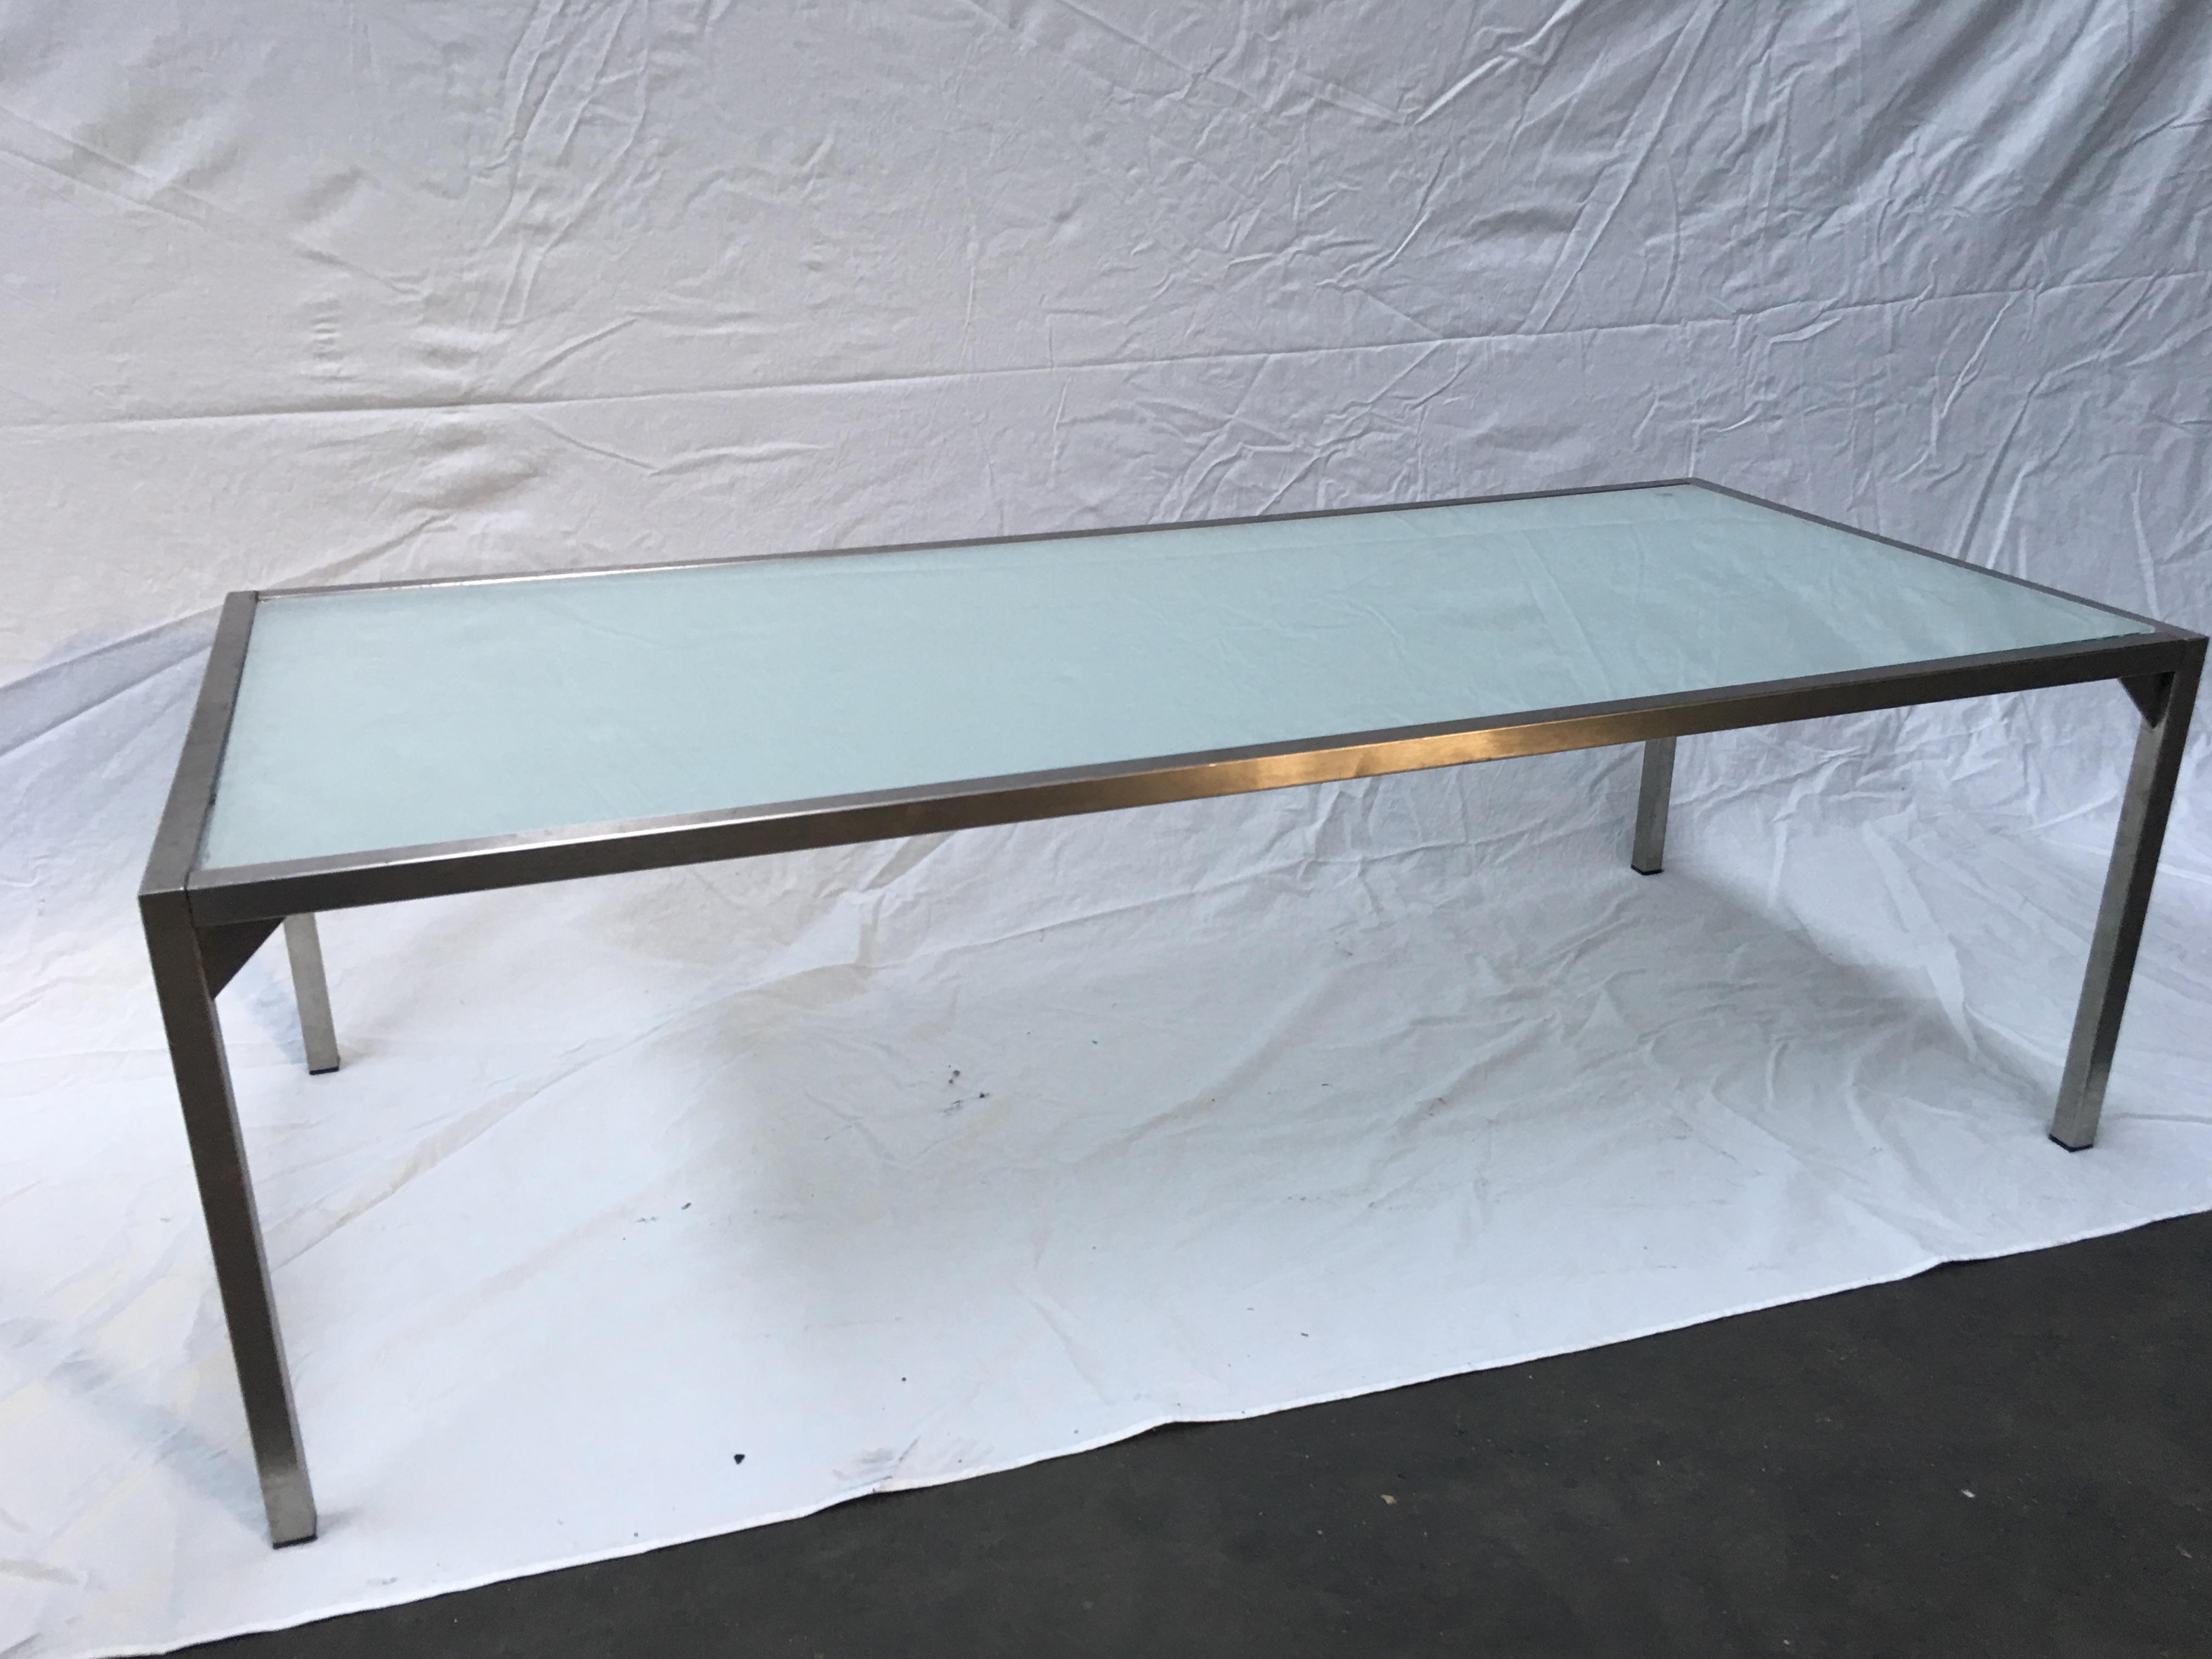 Tafels voor diverse doeleinden in diverse maten vanaf 20 euro We hebben nog 3 lage en 3 hoge tafels.Lage tafels : 20 euro, Hoge tafels 30 euro.Alle 6: 100 euro! De lagere tafels (145 x 65 cm.) hebben een glasplaat erin.Glasplaat heeft wel wat beschadigingen maar is los dus je kunt er gemakkelijk een andere plaat in leggen. Hoogte lage tafels is 45 cm. De hoge tafels zijn zonder glasplaat, dus die moet je er zelf bij zoeken of een normaal blad erop plaatsen. De tafels kunnen veel gewicht hebben.Hoge tafels zijn lengte x breedte: 165 x 80 cm, hoogte 80 cm. Dit is een afhaal artikel, voor deze prijzen is het voor ons niet de moeite om dit artikel in te pakken en te verzenden.